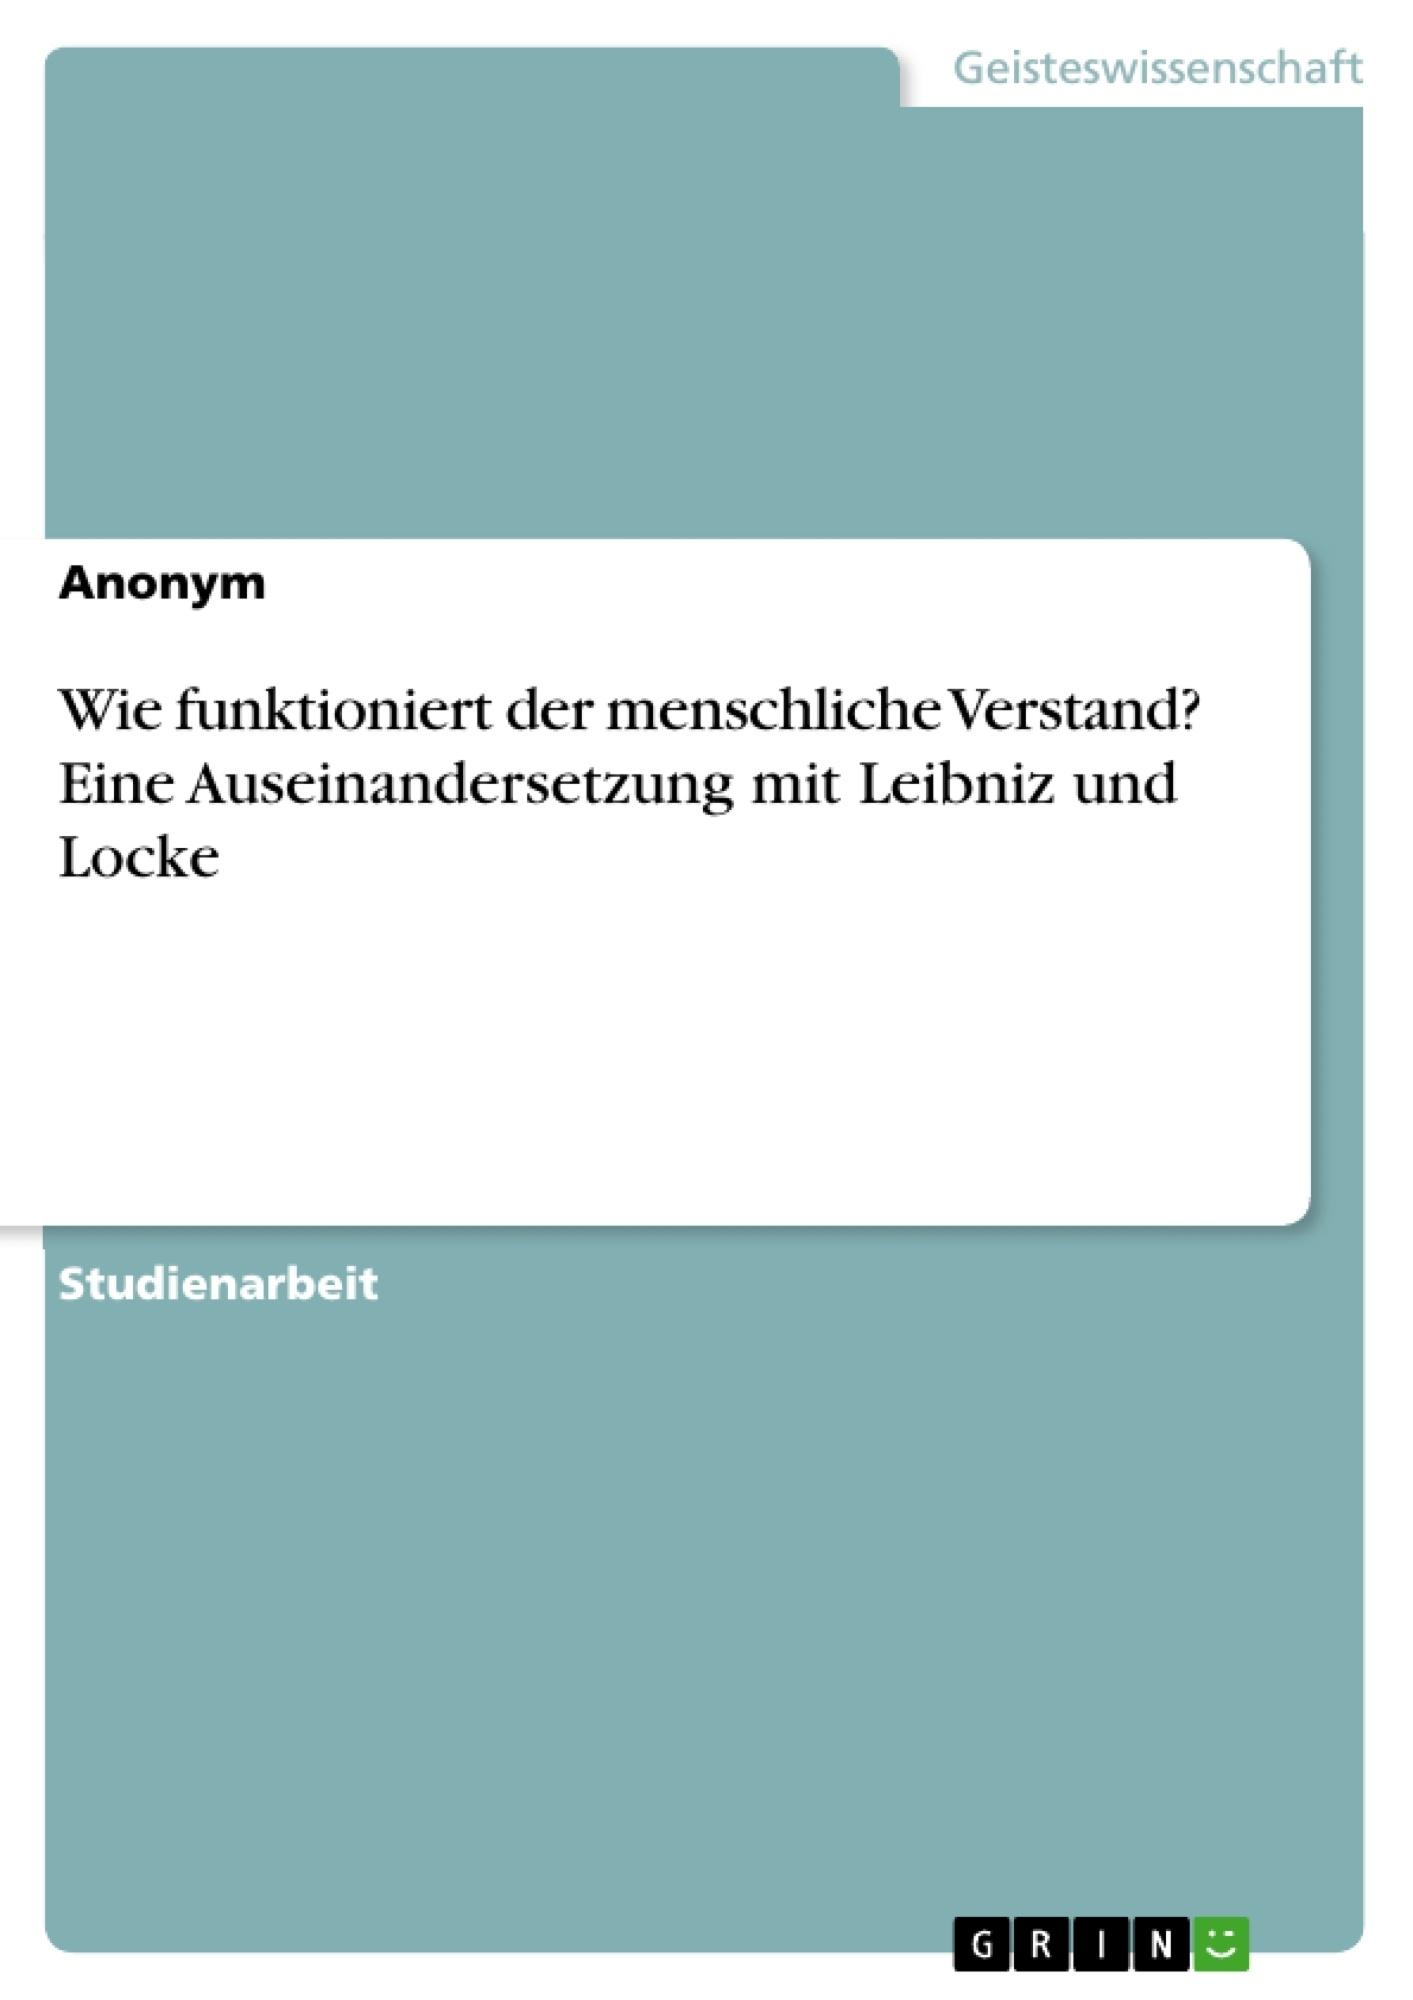 Titel: Wie funktioniert der menschliche Verstand? Eine Auseinandersetzung mit Leibniz und Locke